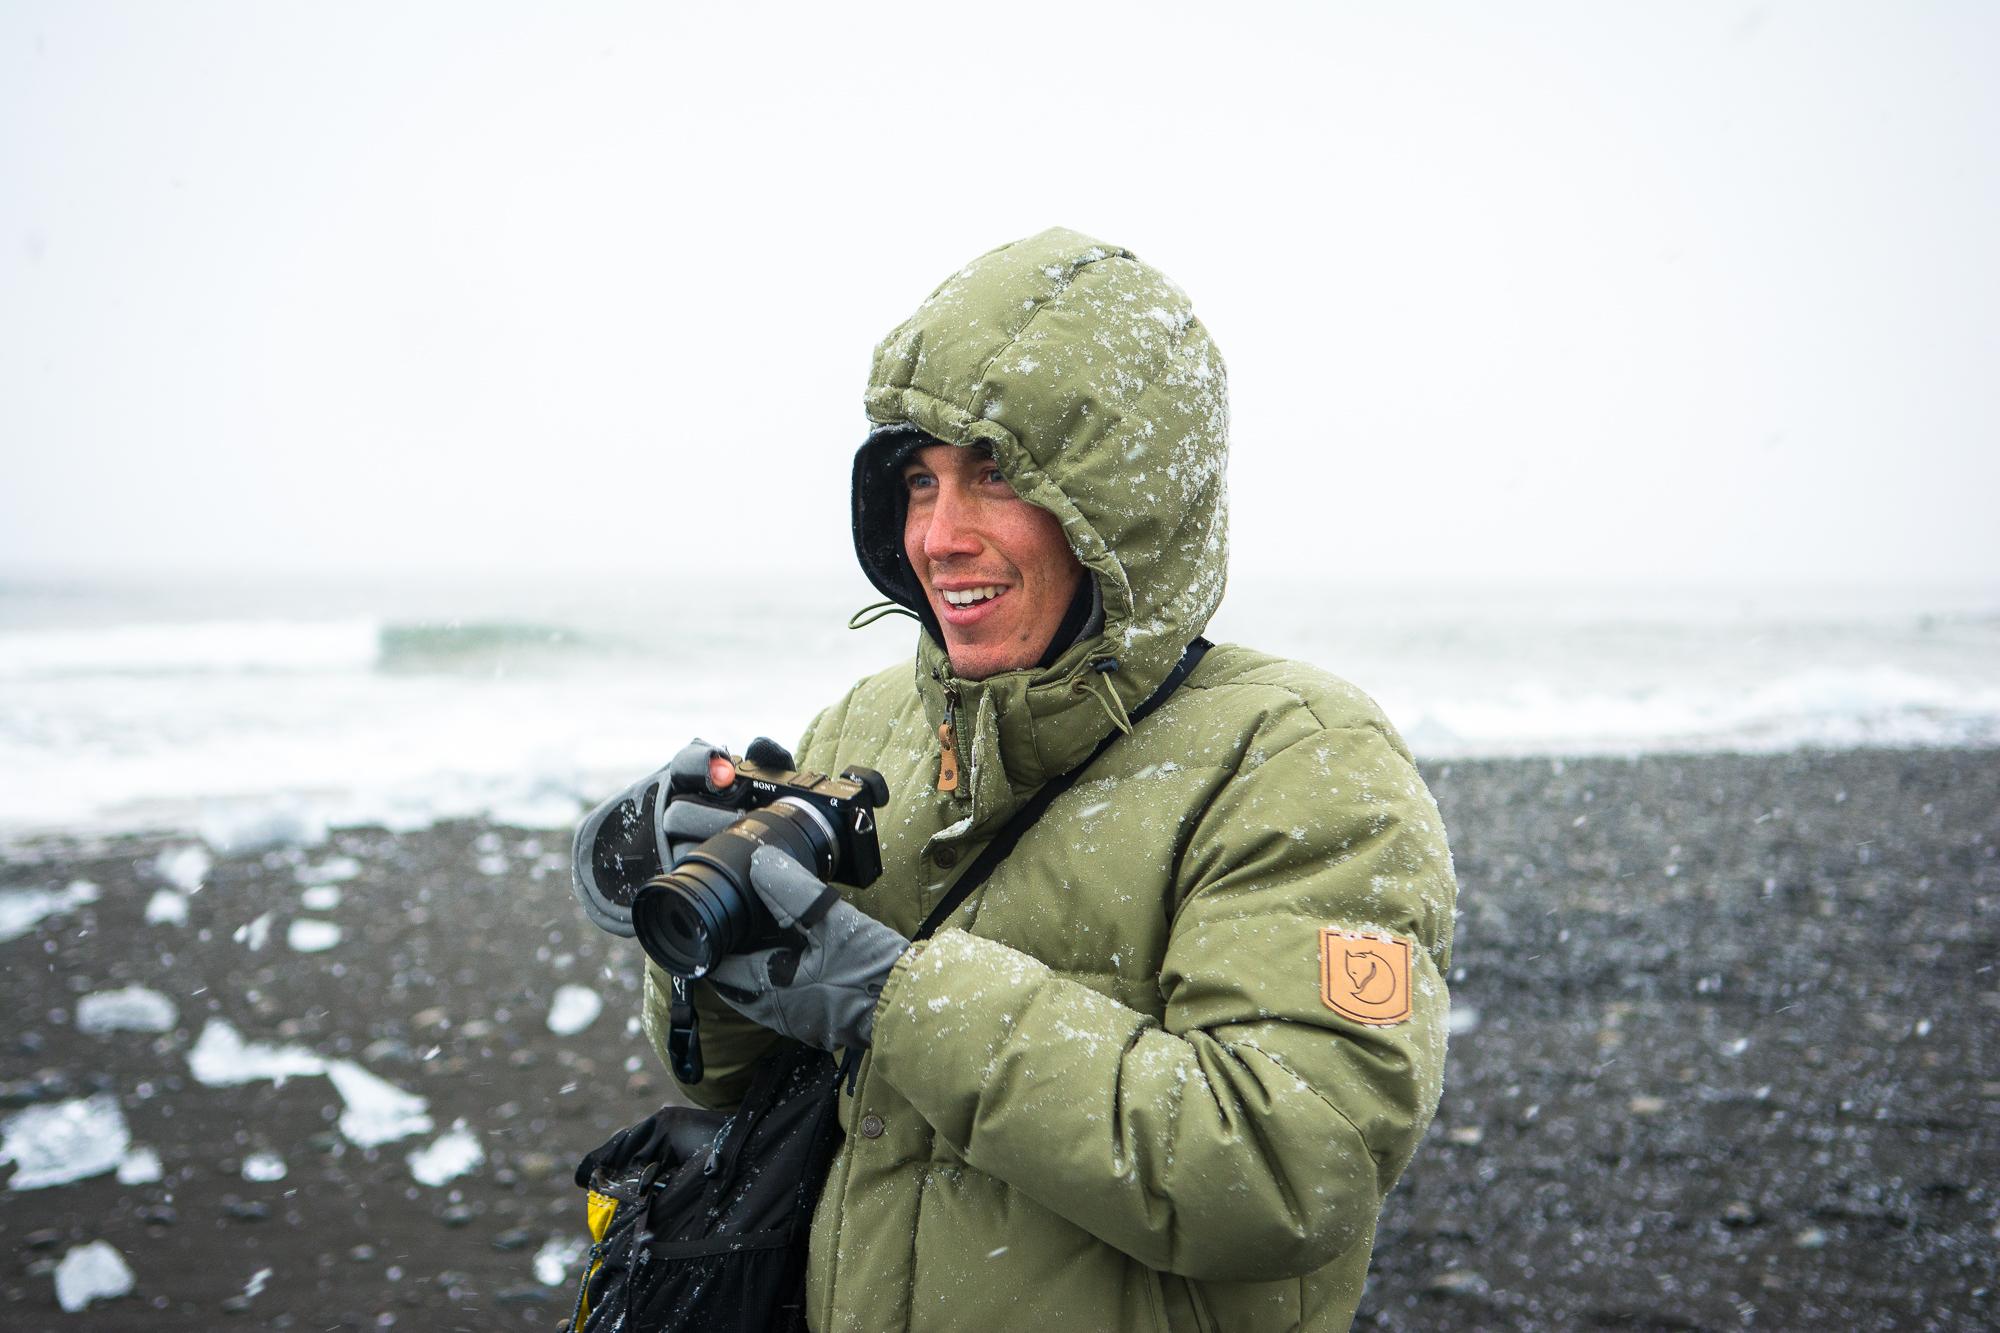 Interview: Chris Burkard, Outdoors Photographer